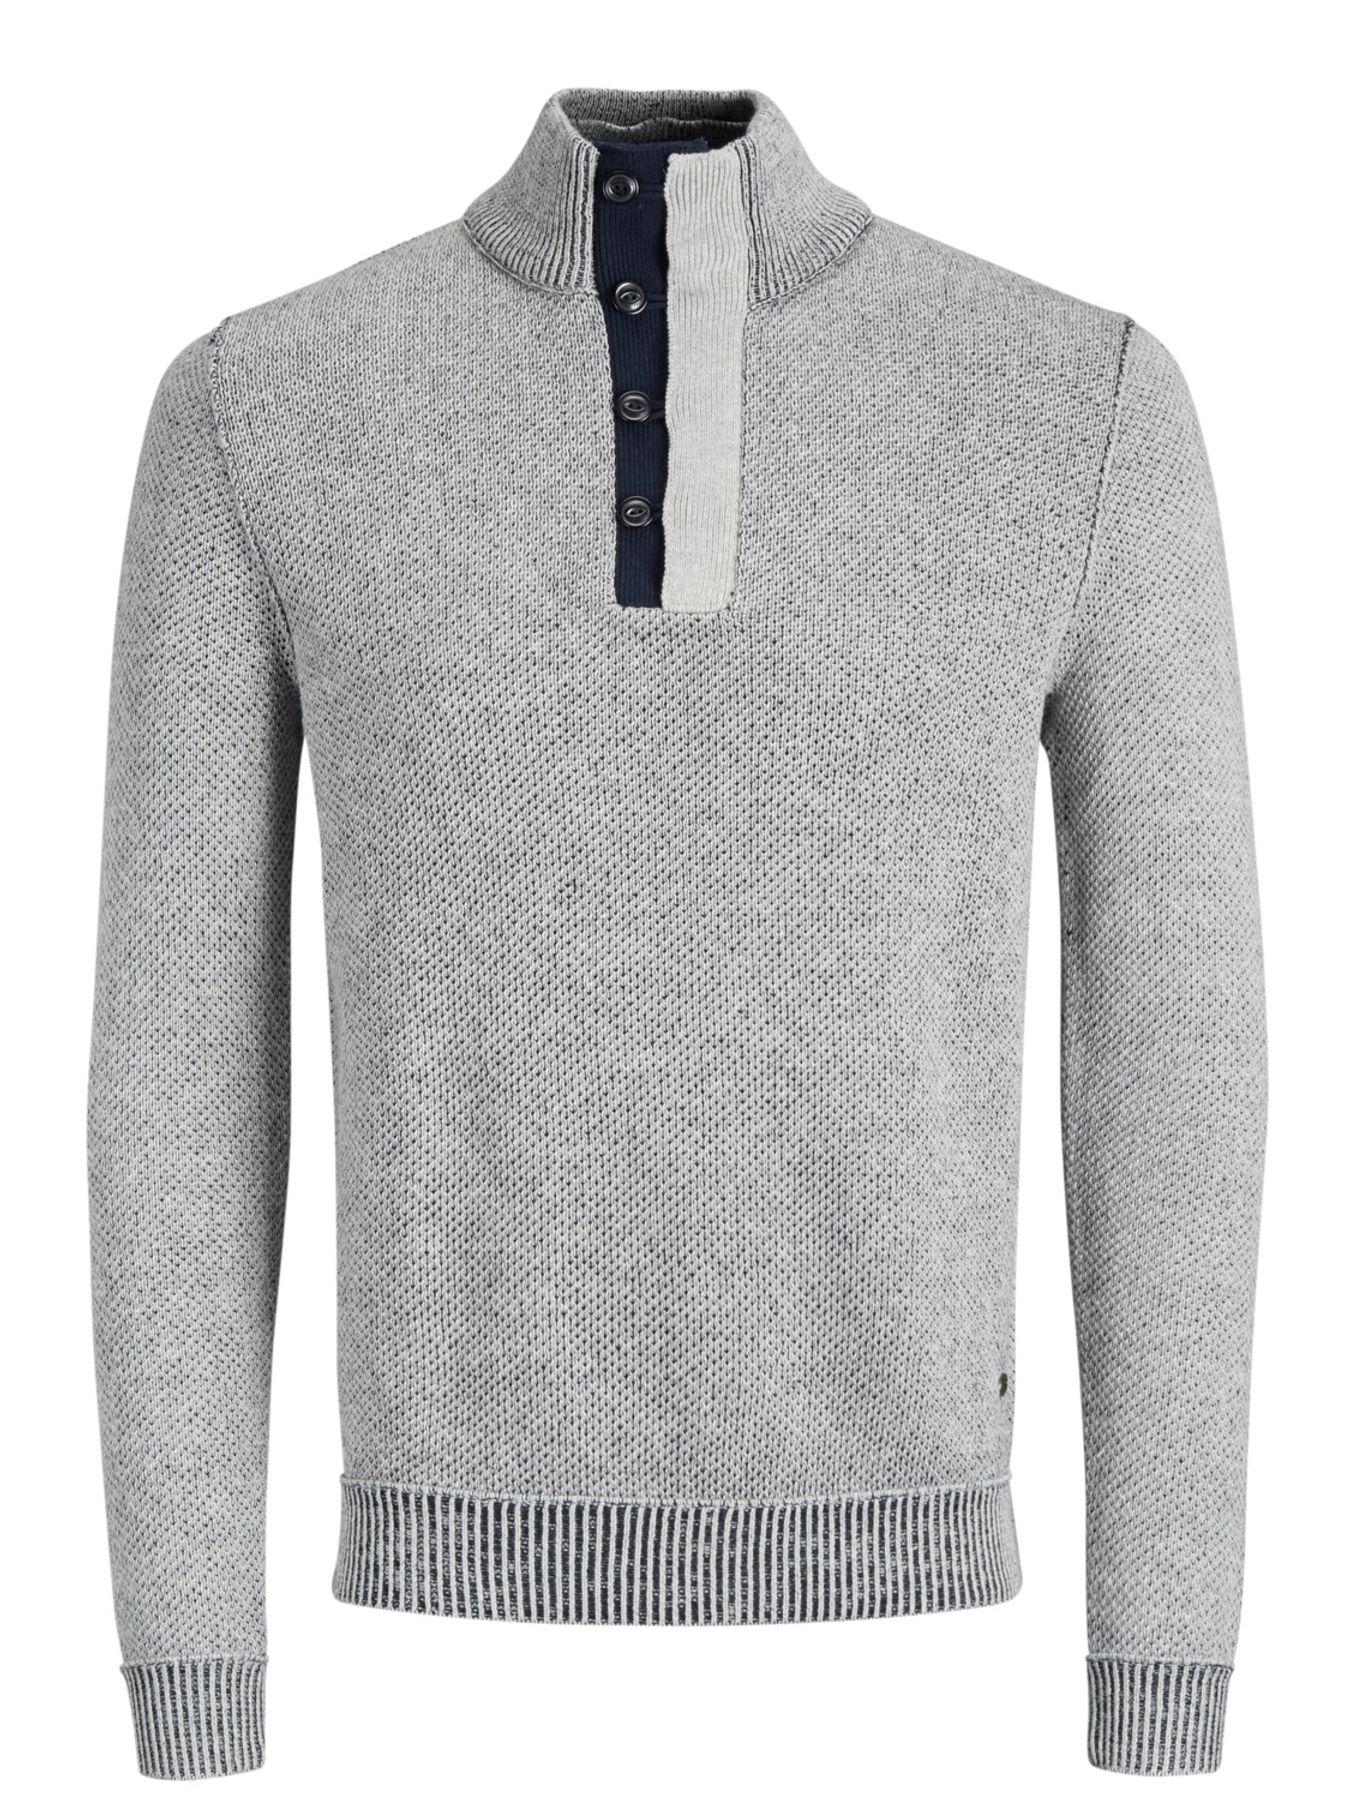 Jack & Jones - Herren Pullover aus 100% Baumwolle,  JORKAIDEN KNIT HIGH NECK (12141080) – Bild 1